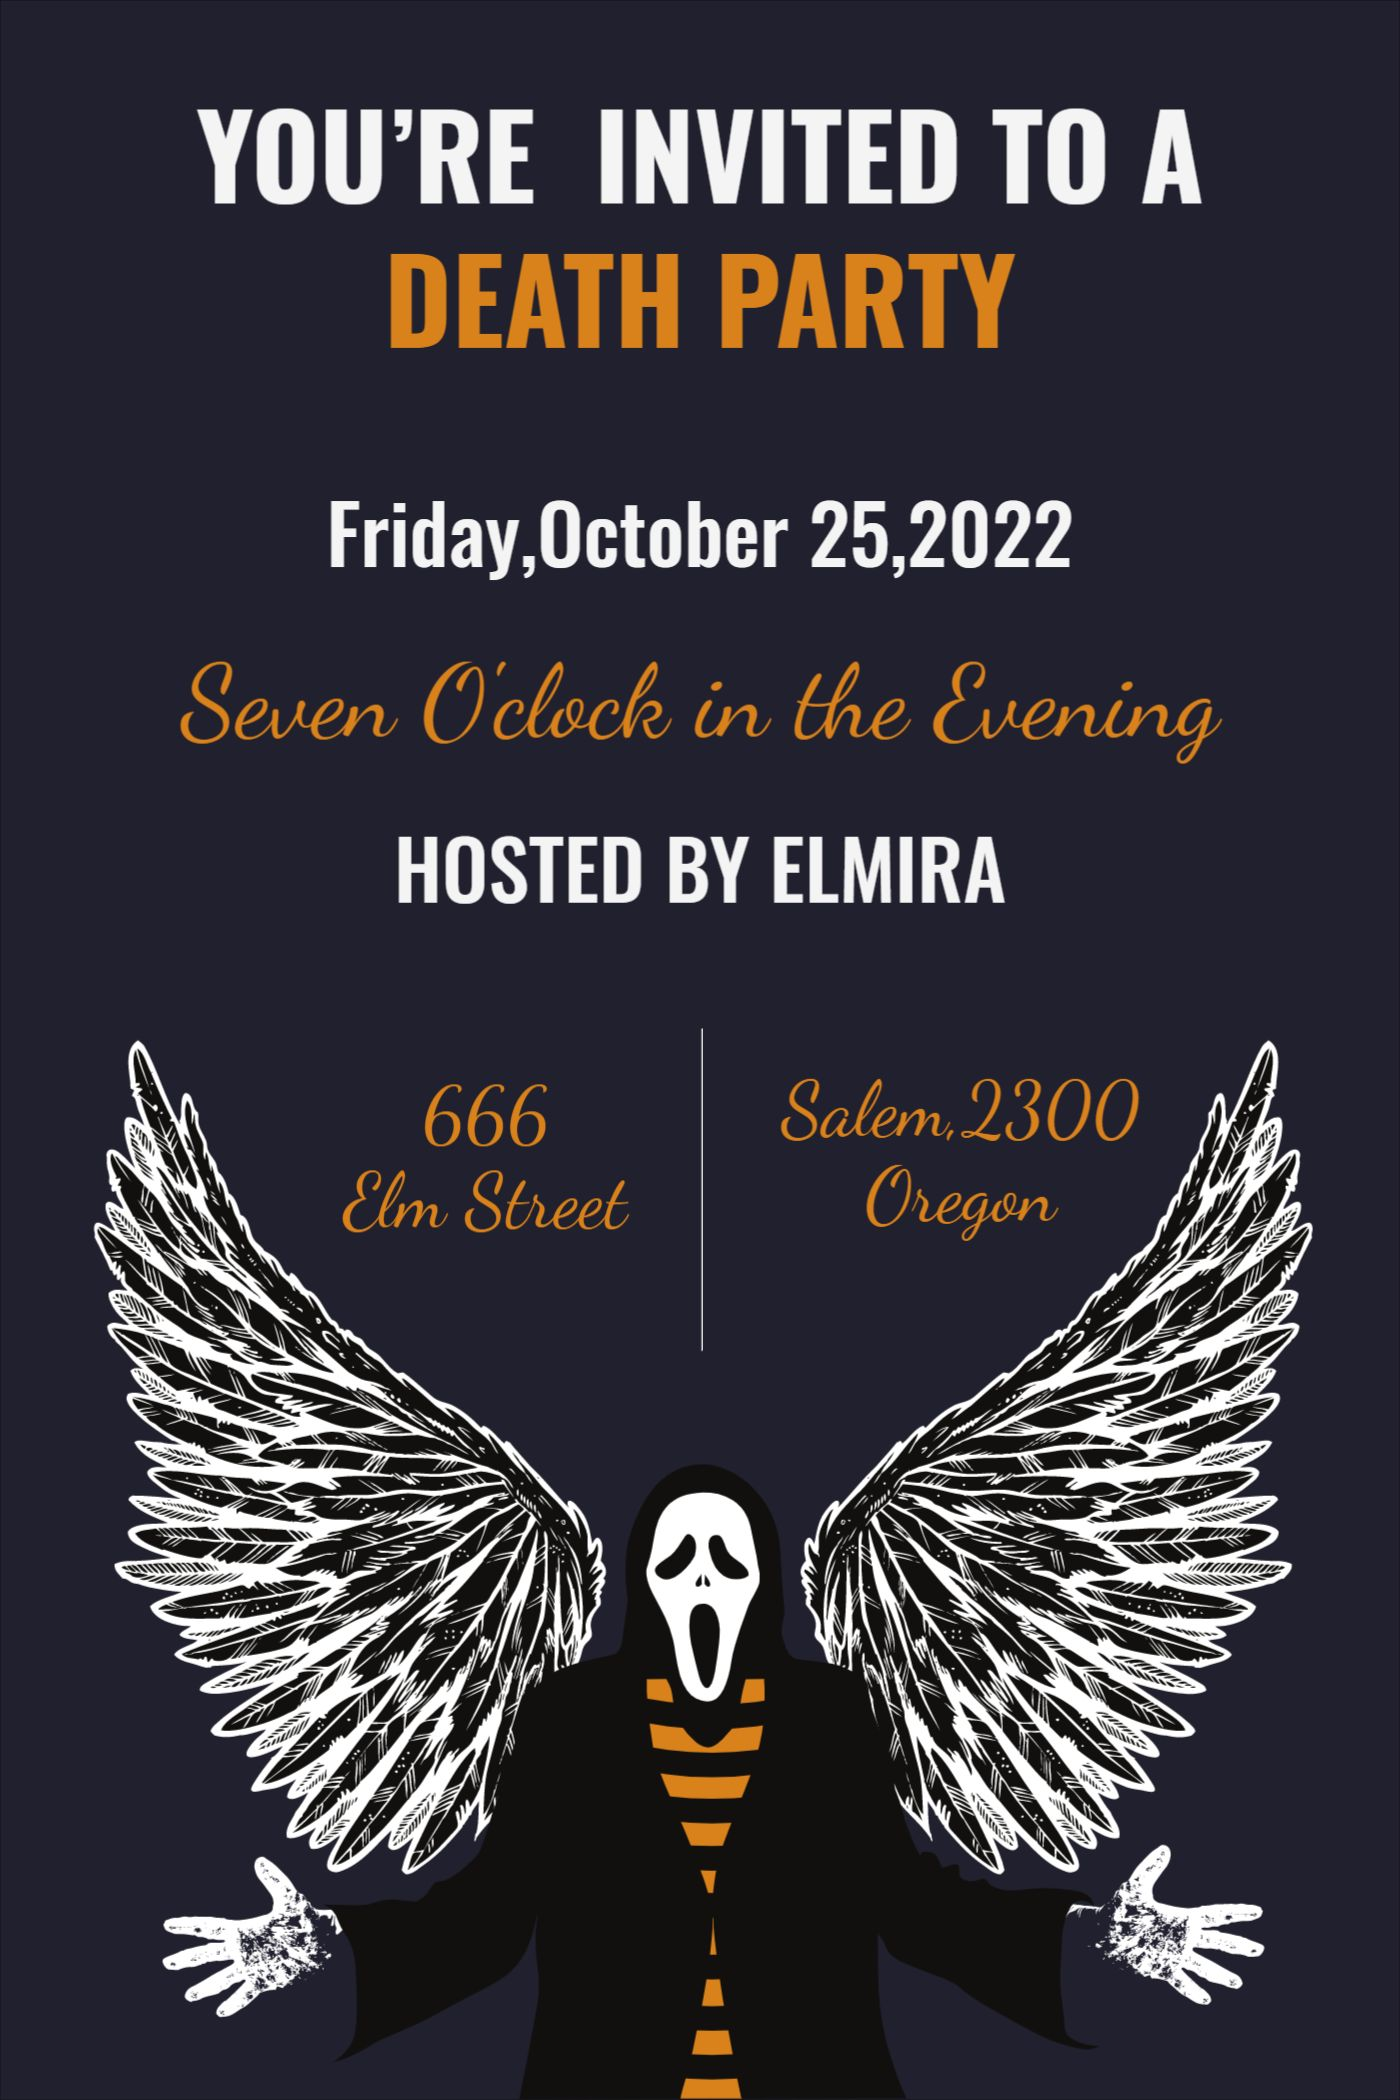 Death Party Invitation Design Template